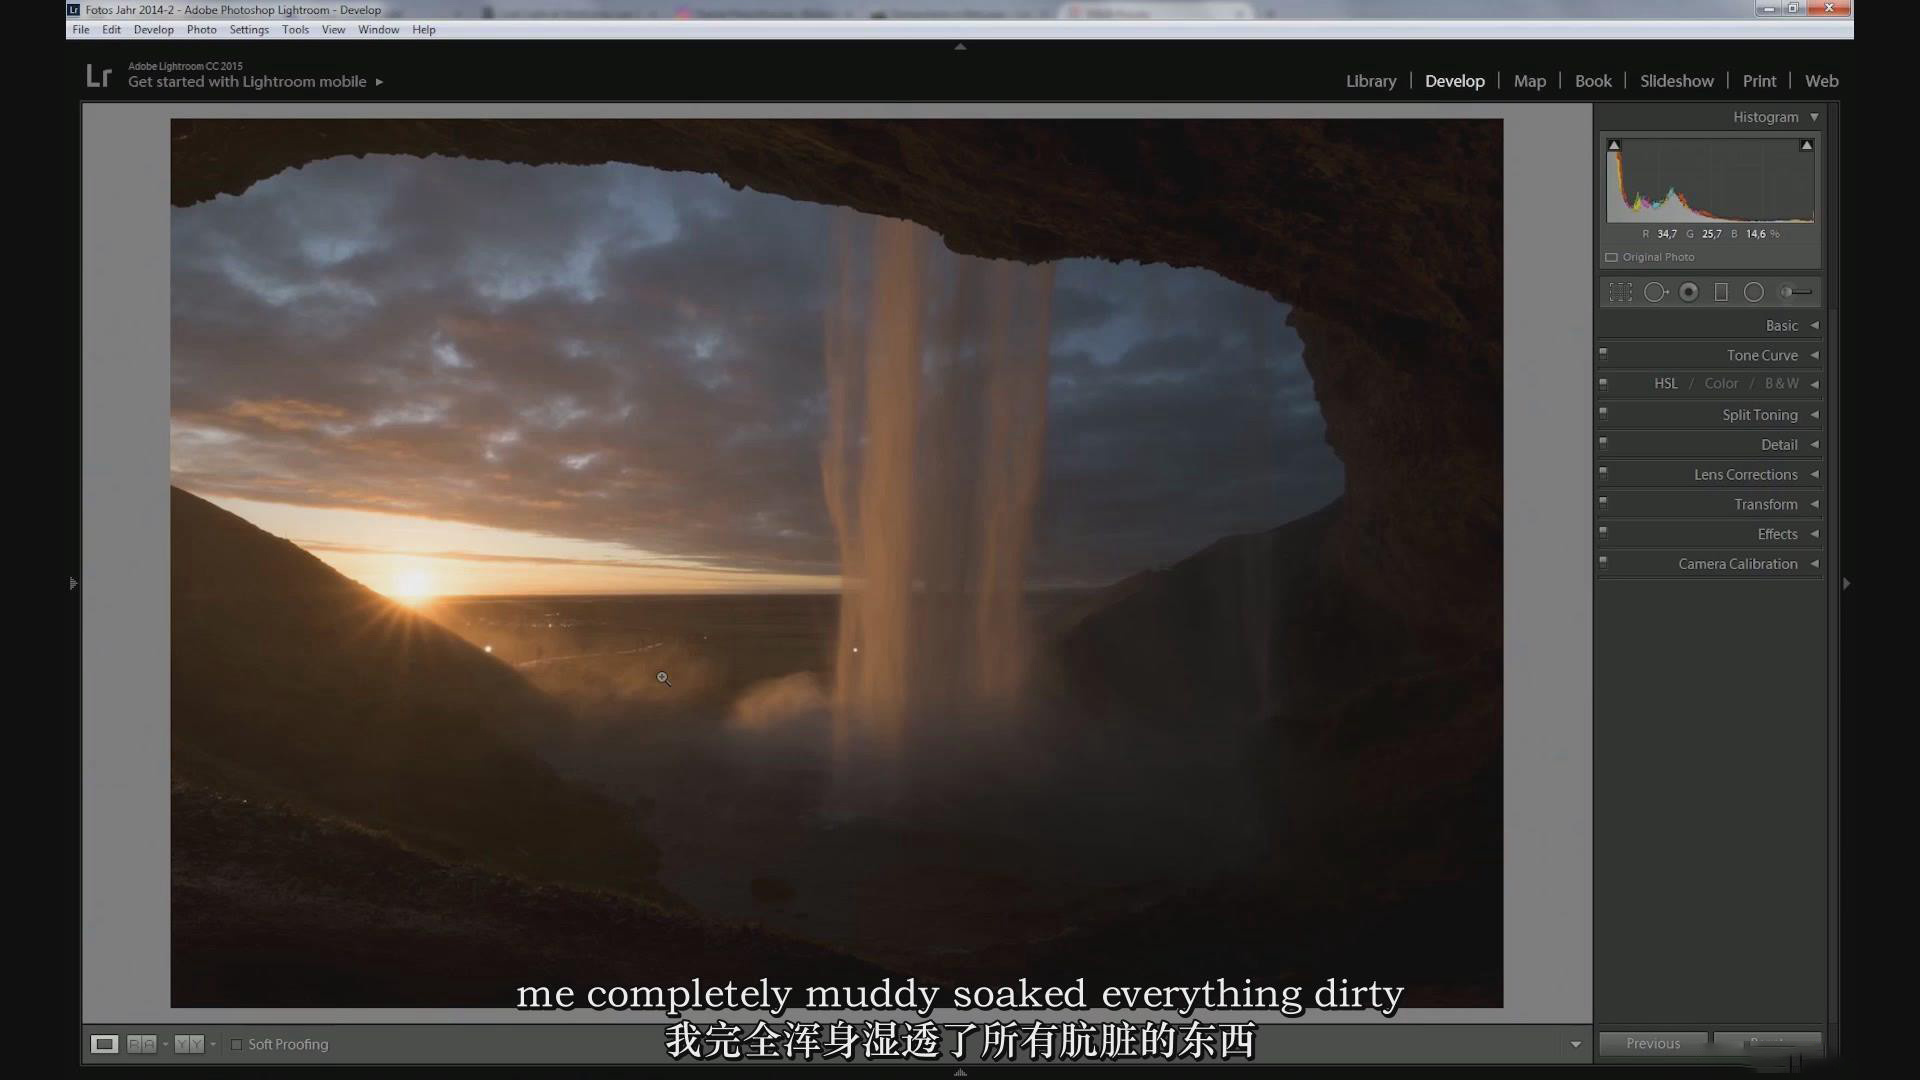 摄影教程_Daniel Fleischhacker景观和自然风光摄影Photoshop后期大师班-中英字幕 摄影教程 _预览图12